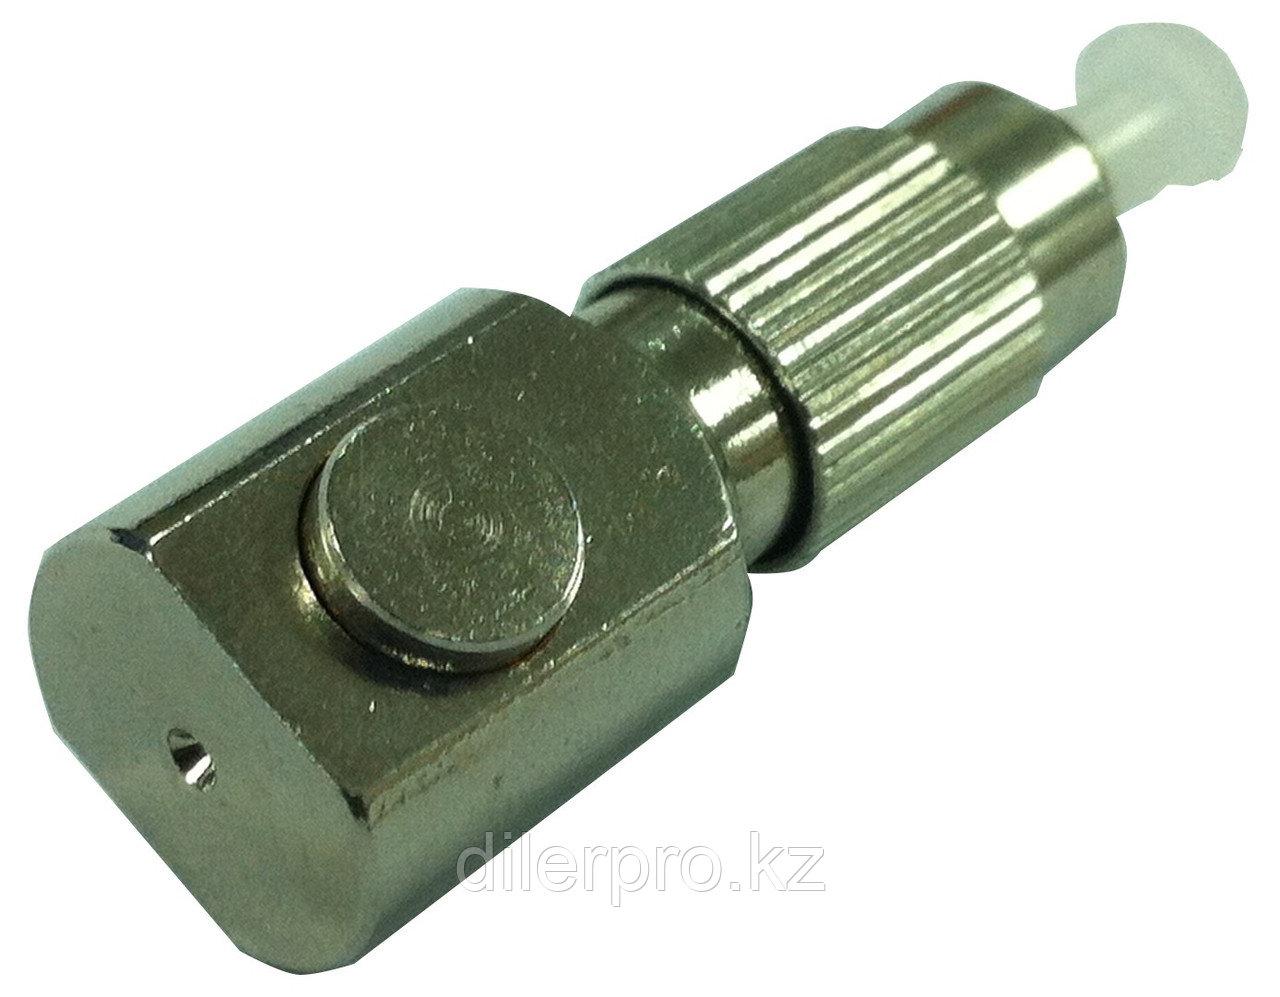 Grandway BFA-FCUPC - адаптер для подключения неоконцованного волокна с FC/UPC коннектором